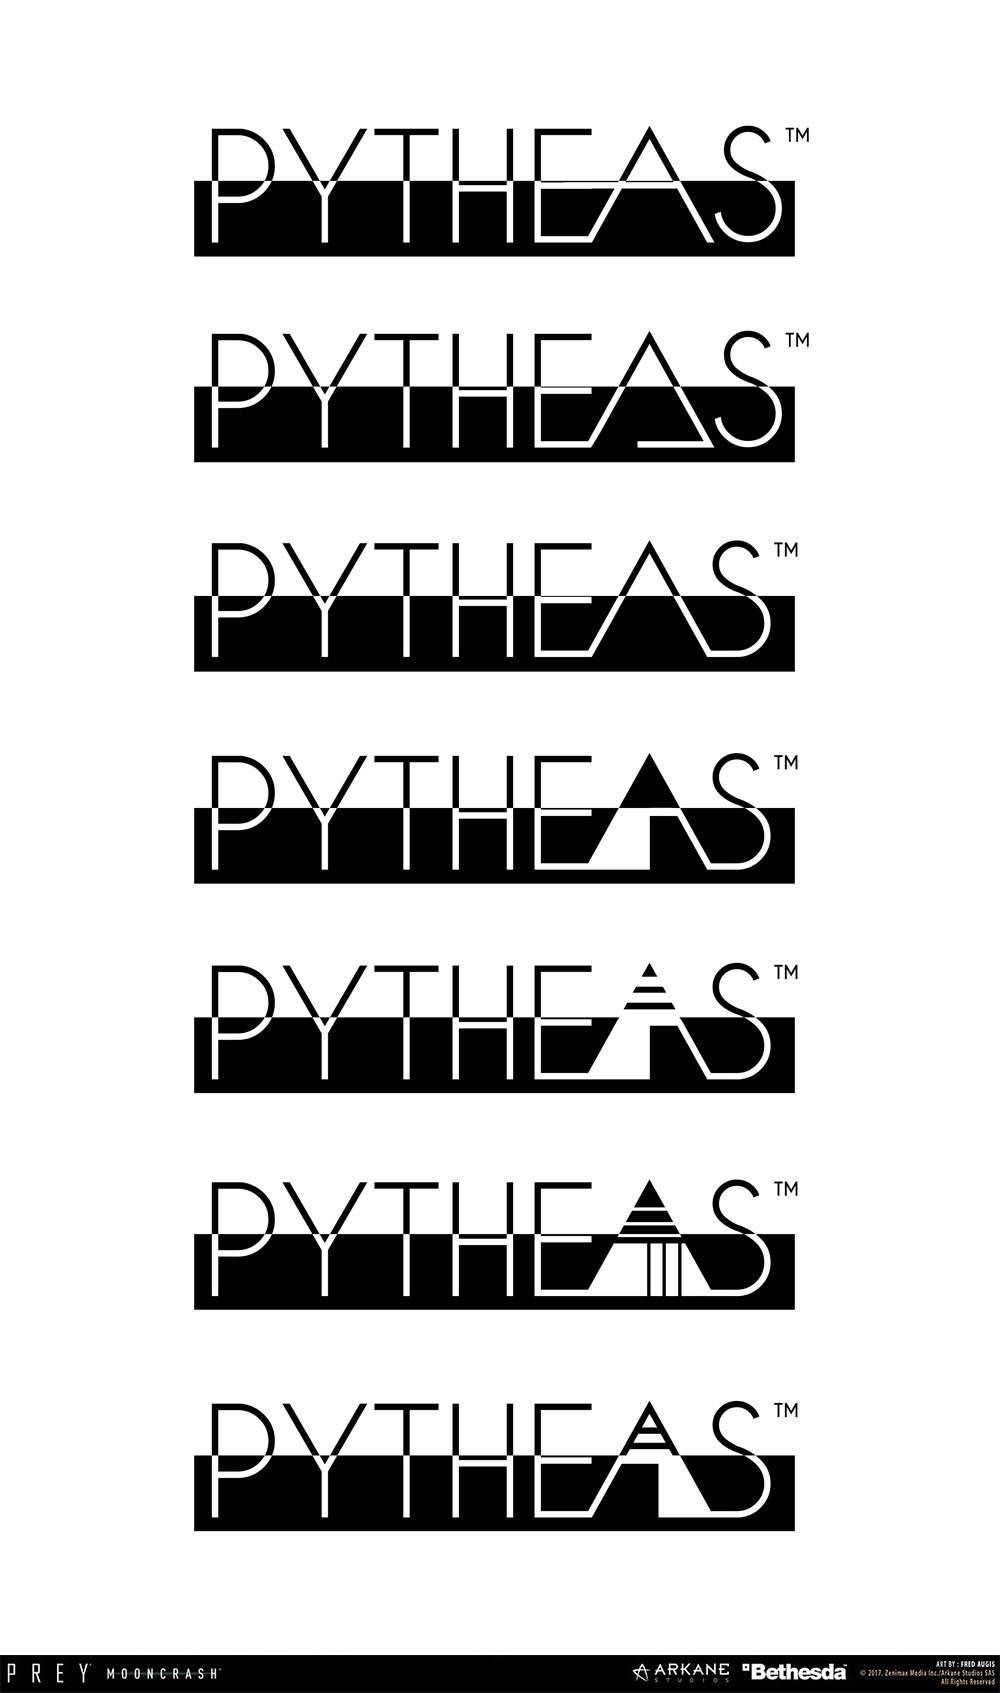 Fred augis pytheas logo textv2b